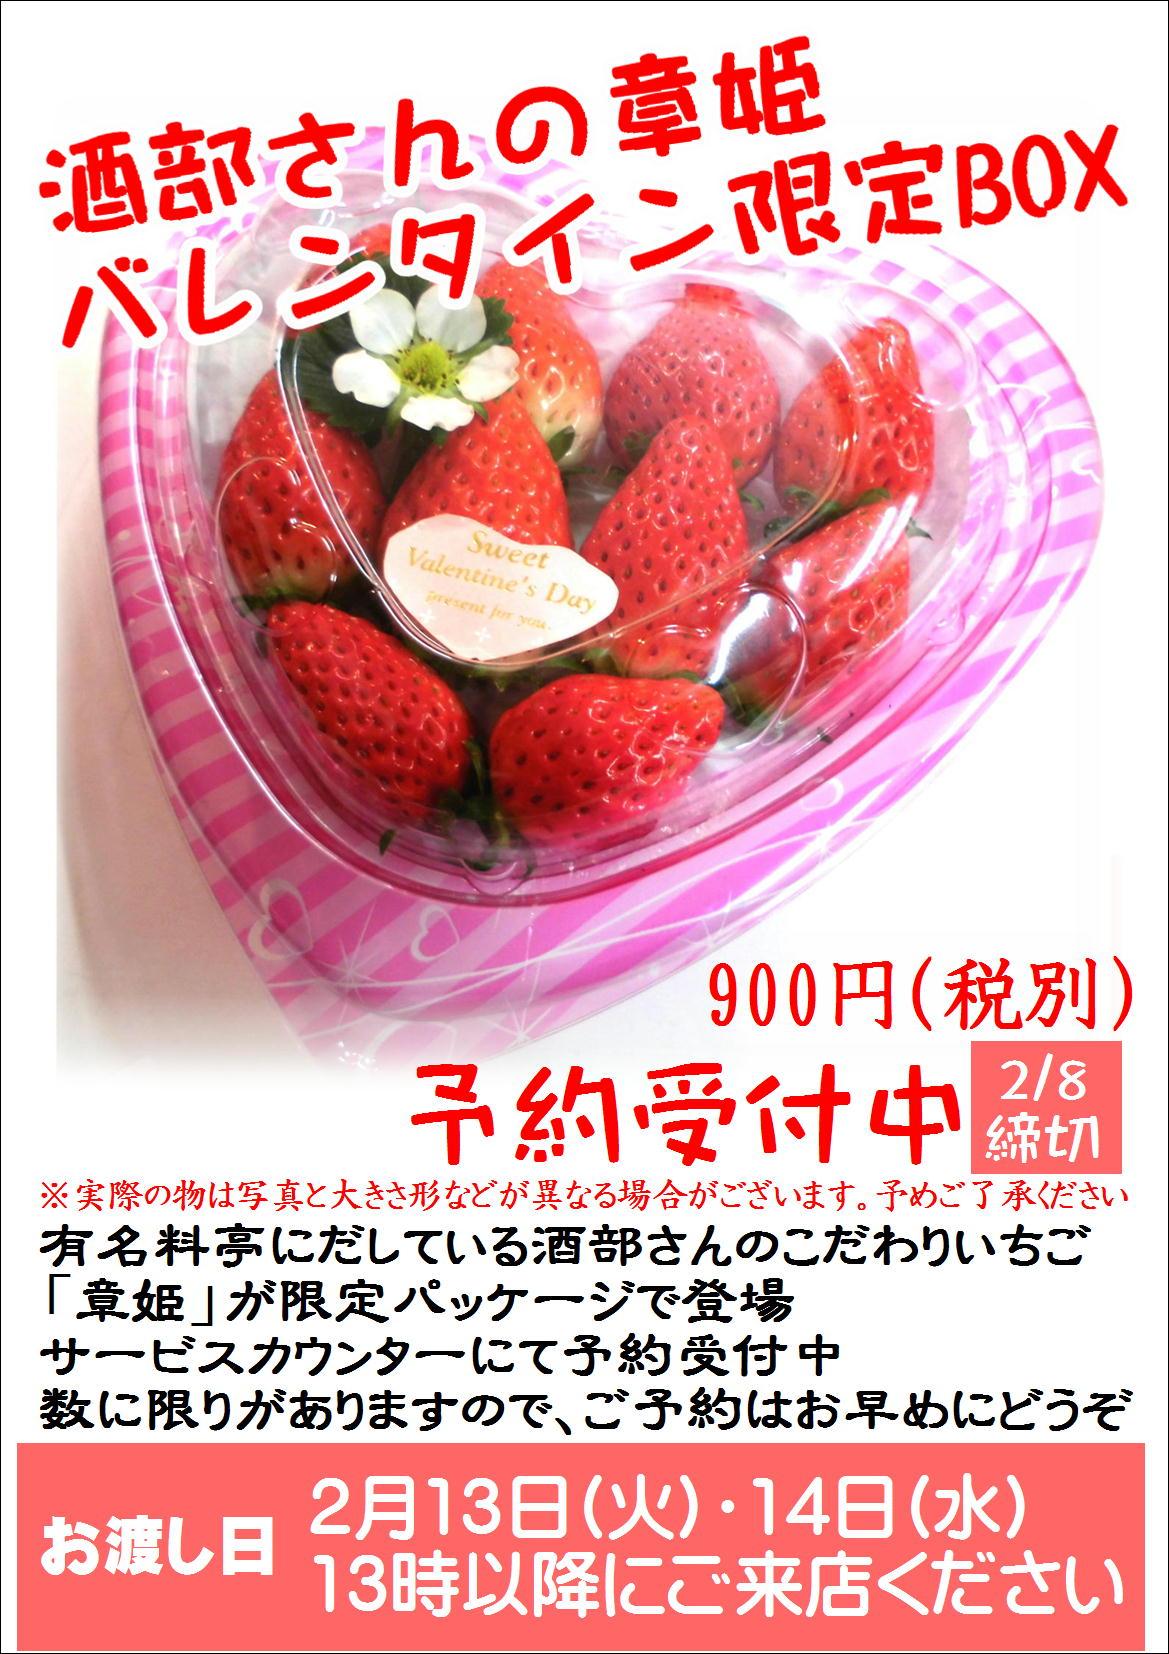 バレンタイン限定イチゴBOX予約受付中